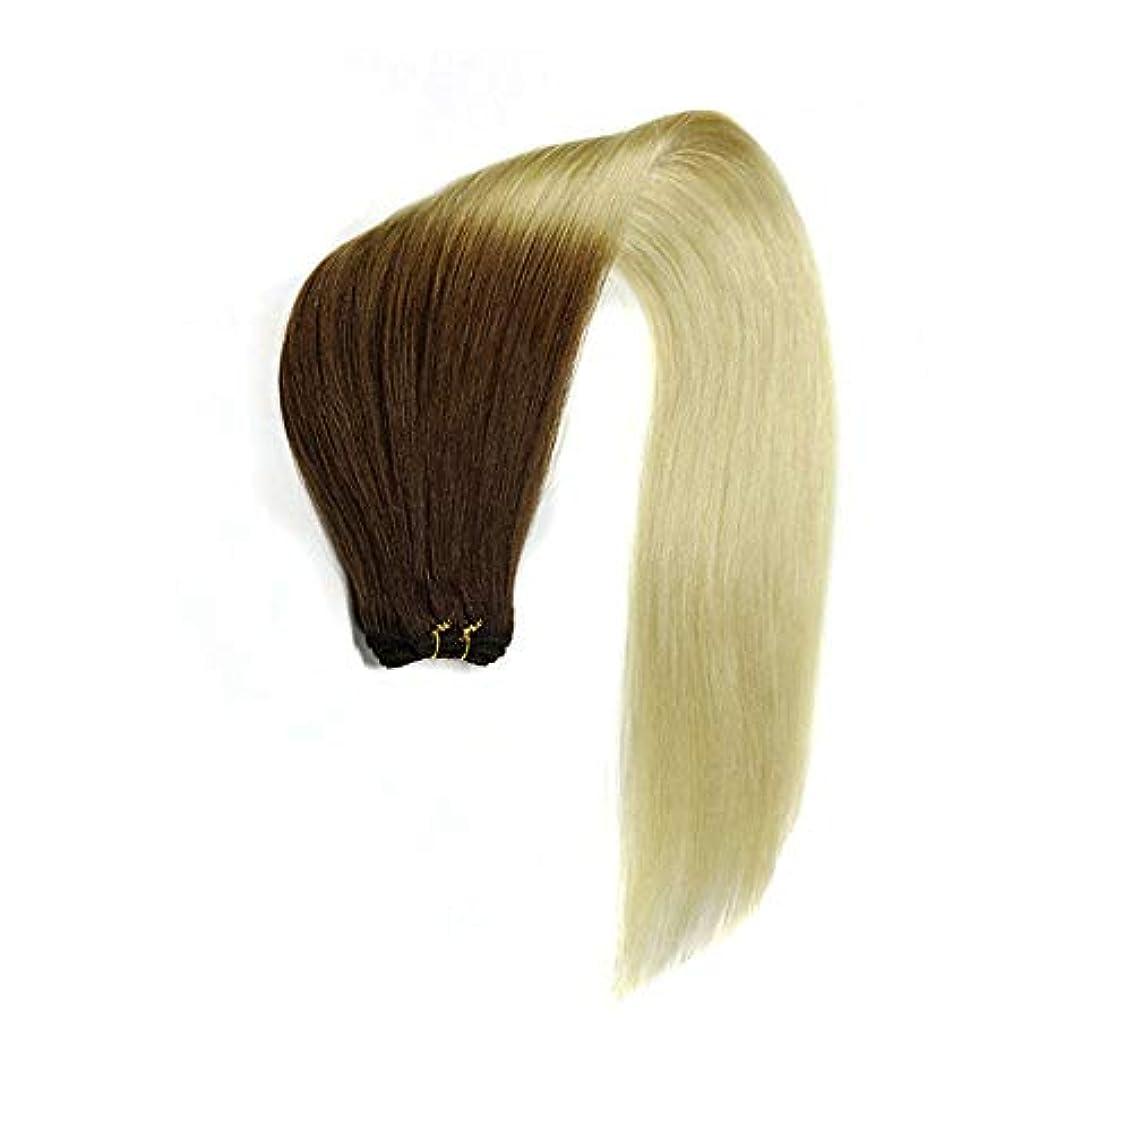 マーガレットミッチェルゆりかごメッシュWASAIO 女性のヘアエクステンションクリップ裏地なし髪型ブラジル人毛エクステンションわかりやすい横糸 (色 : Blonde, サイズ : 14 inch)